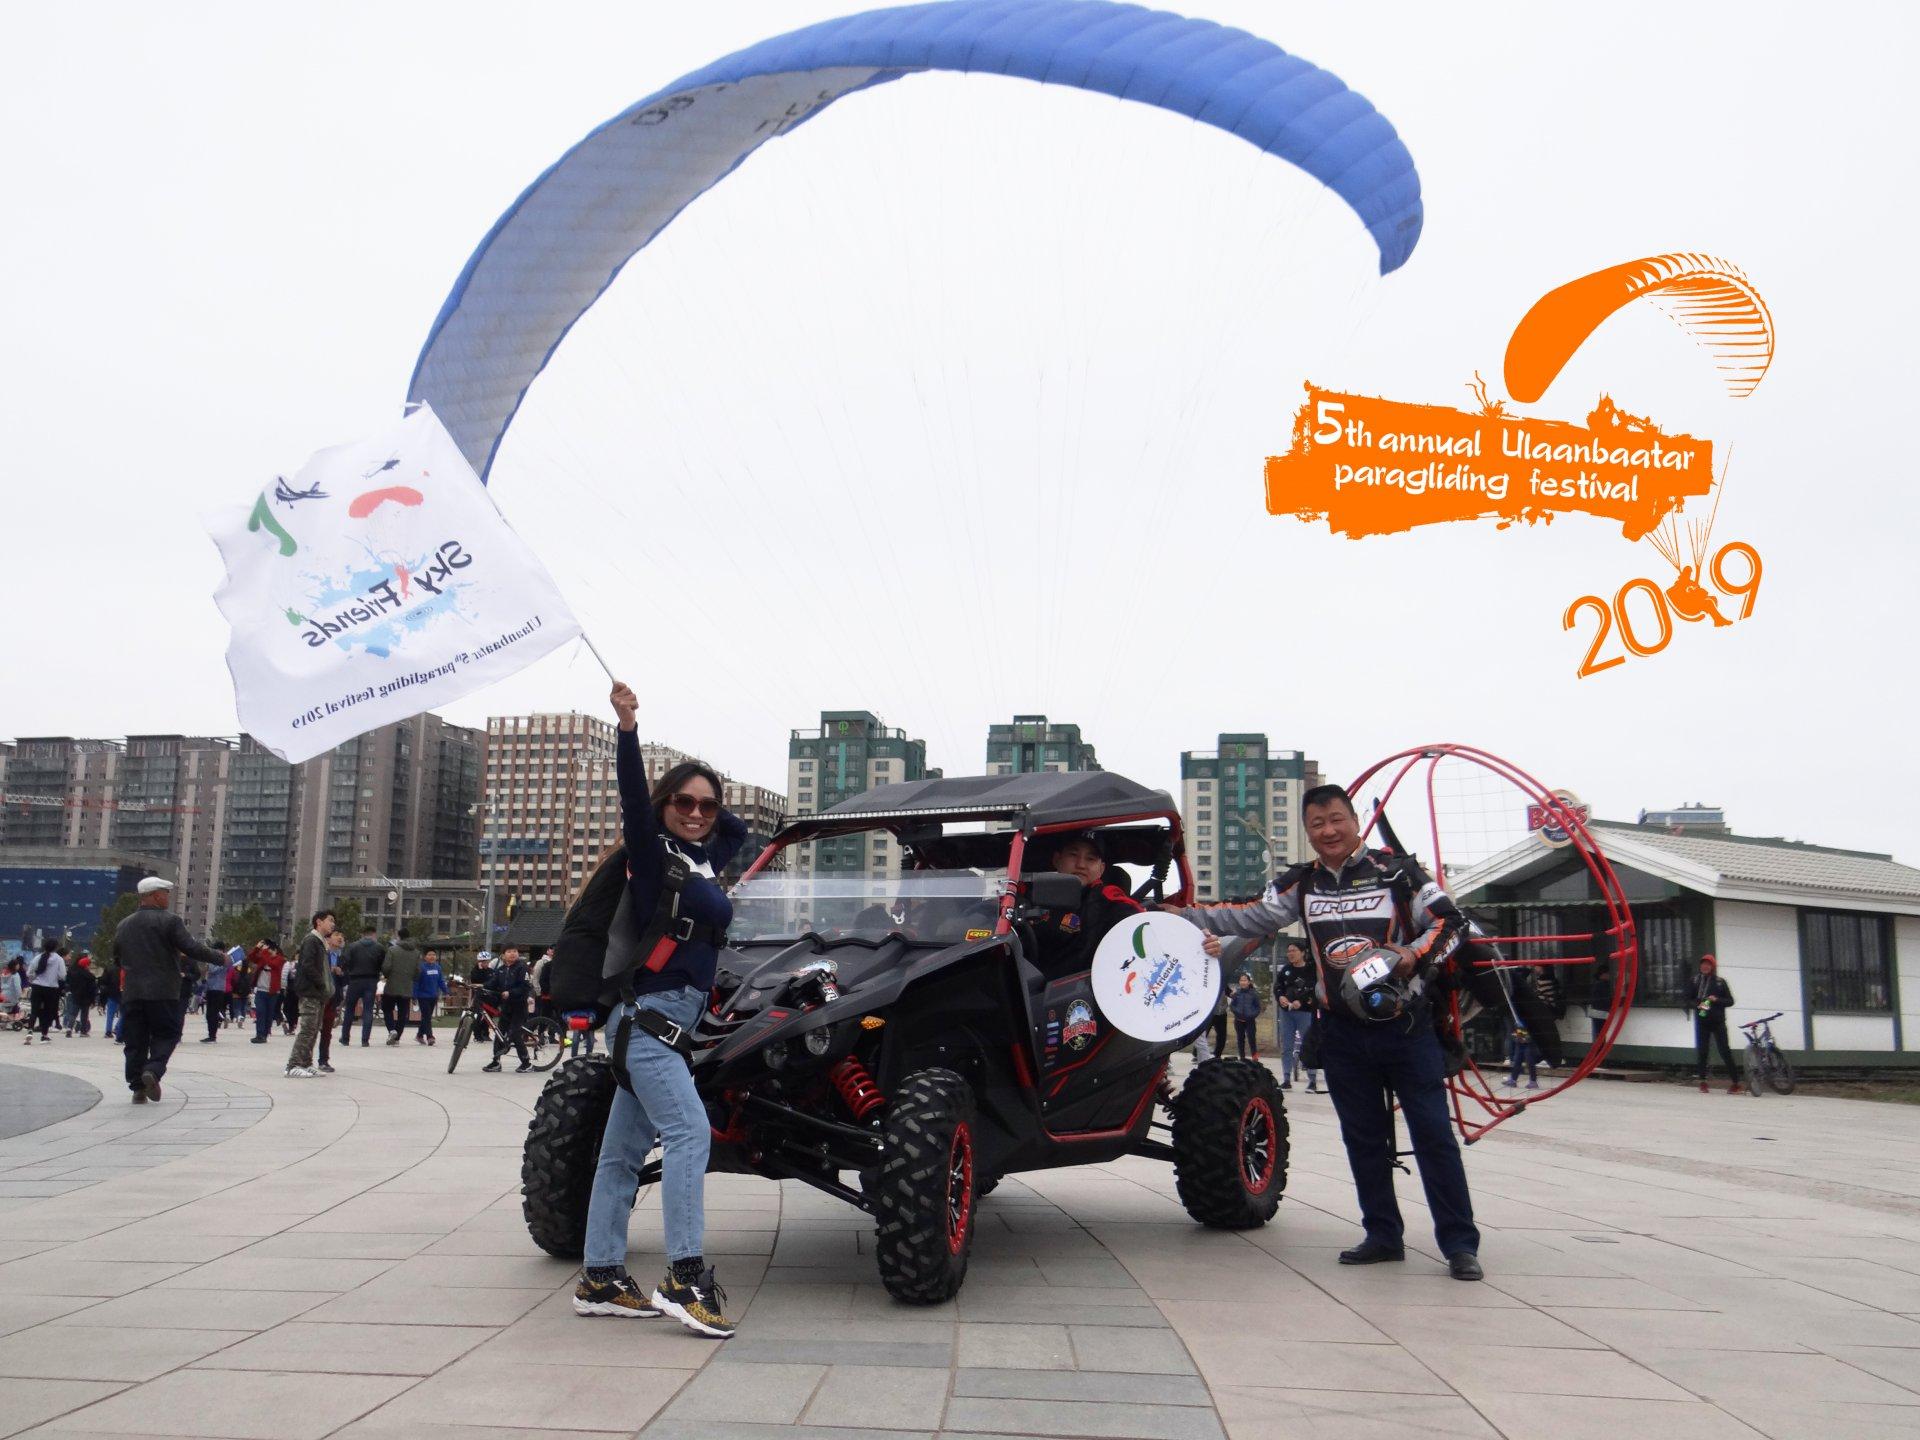 Энэ зуны анхны агаарын фестиваль Sky friends & Ulaanbaatar 5th paragliding festival 2019